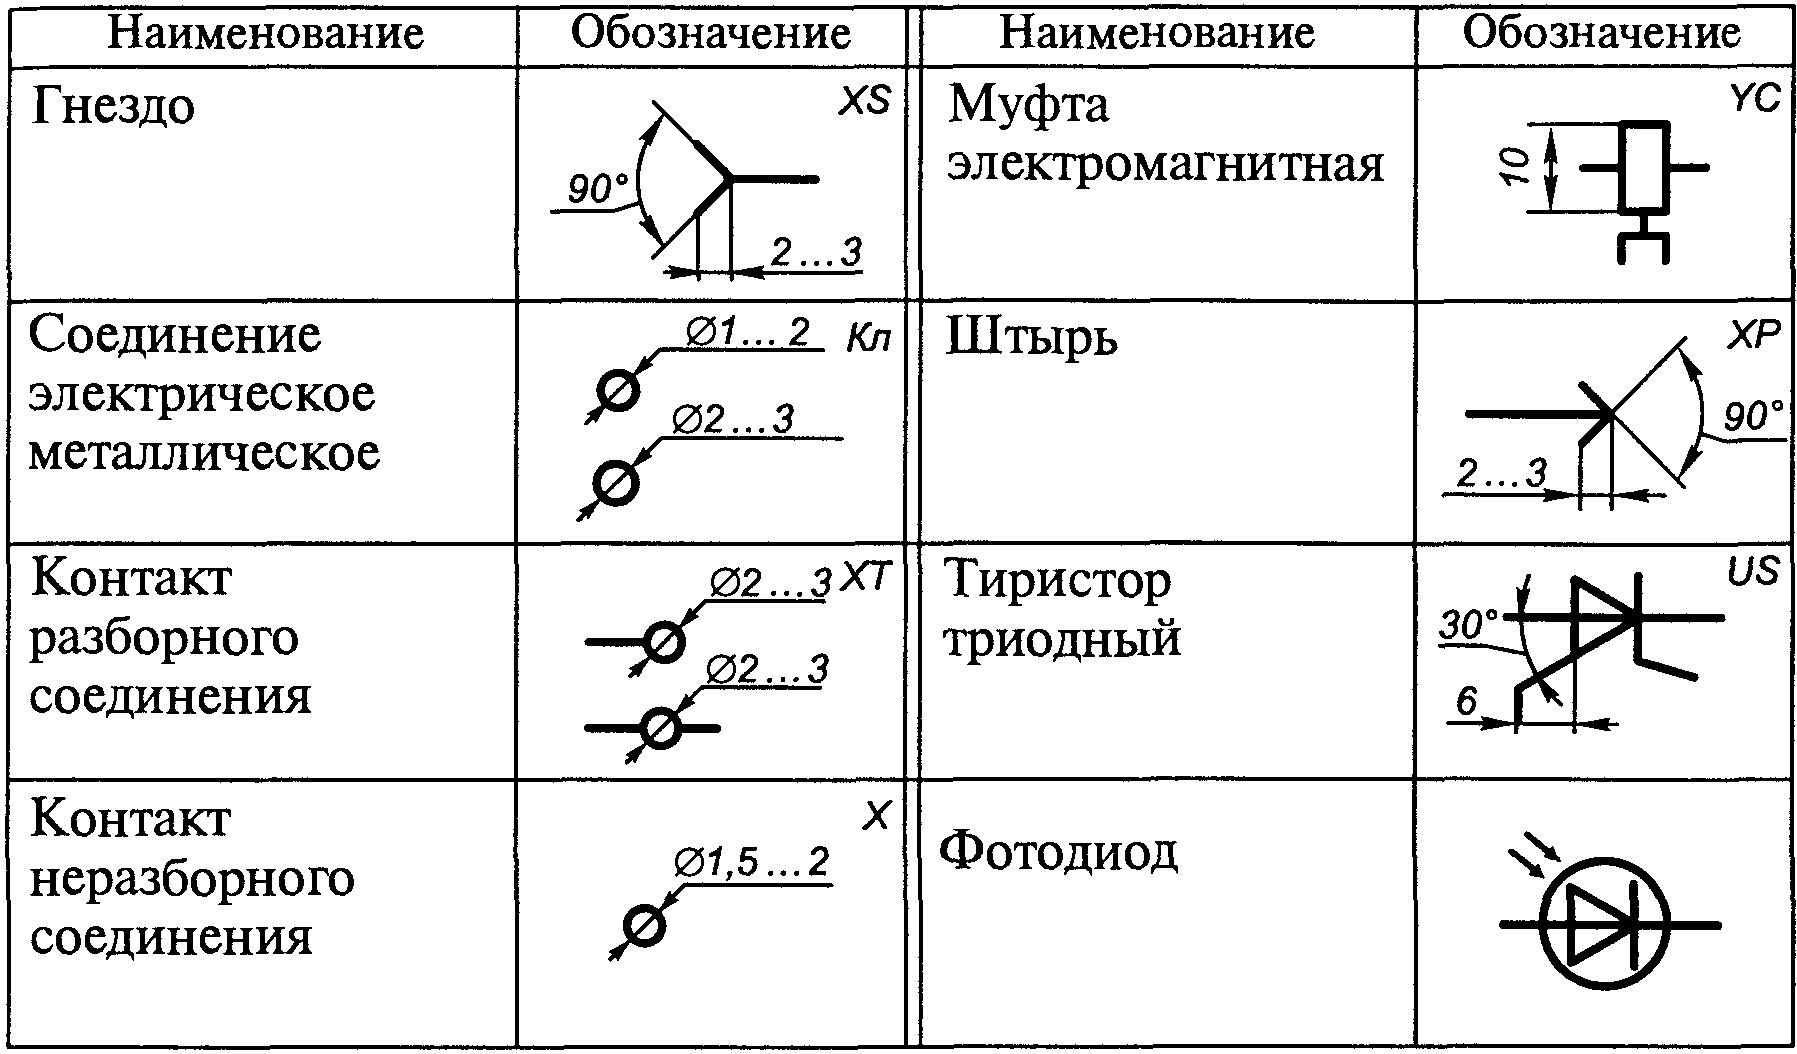 обозначение схем с картинками своей статье хочу